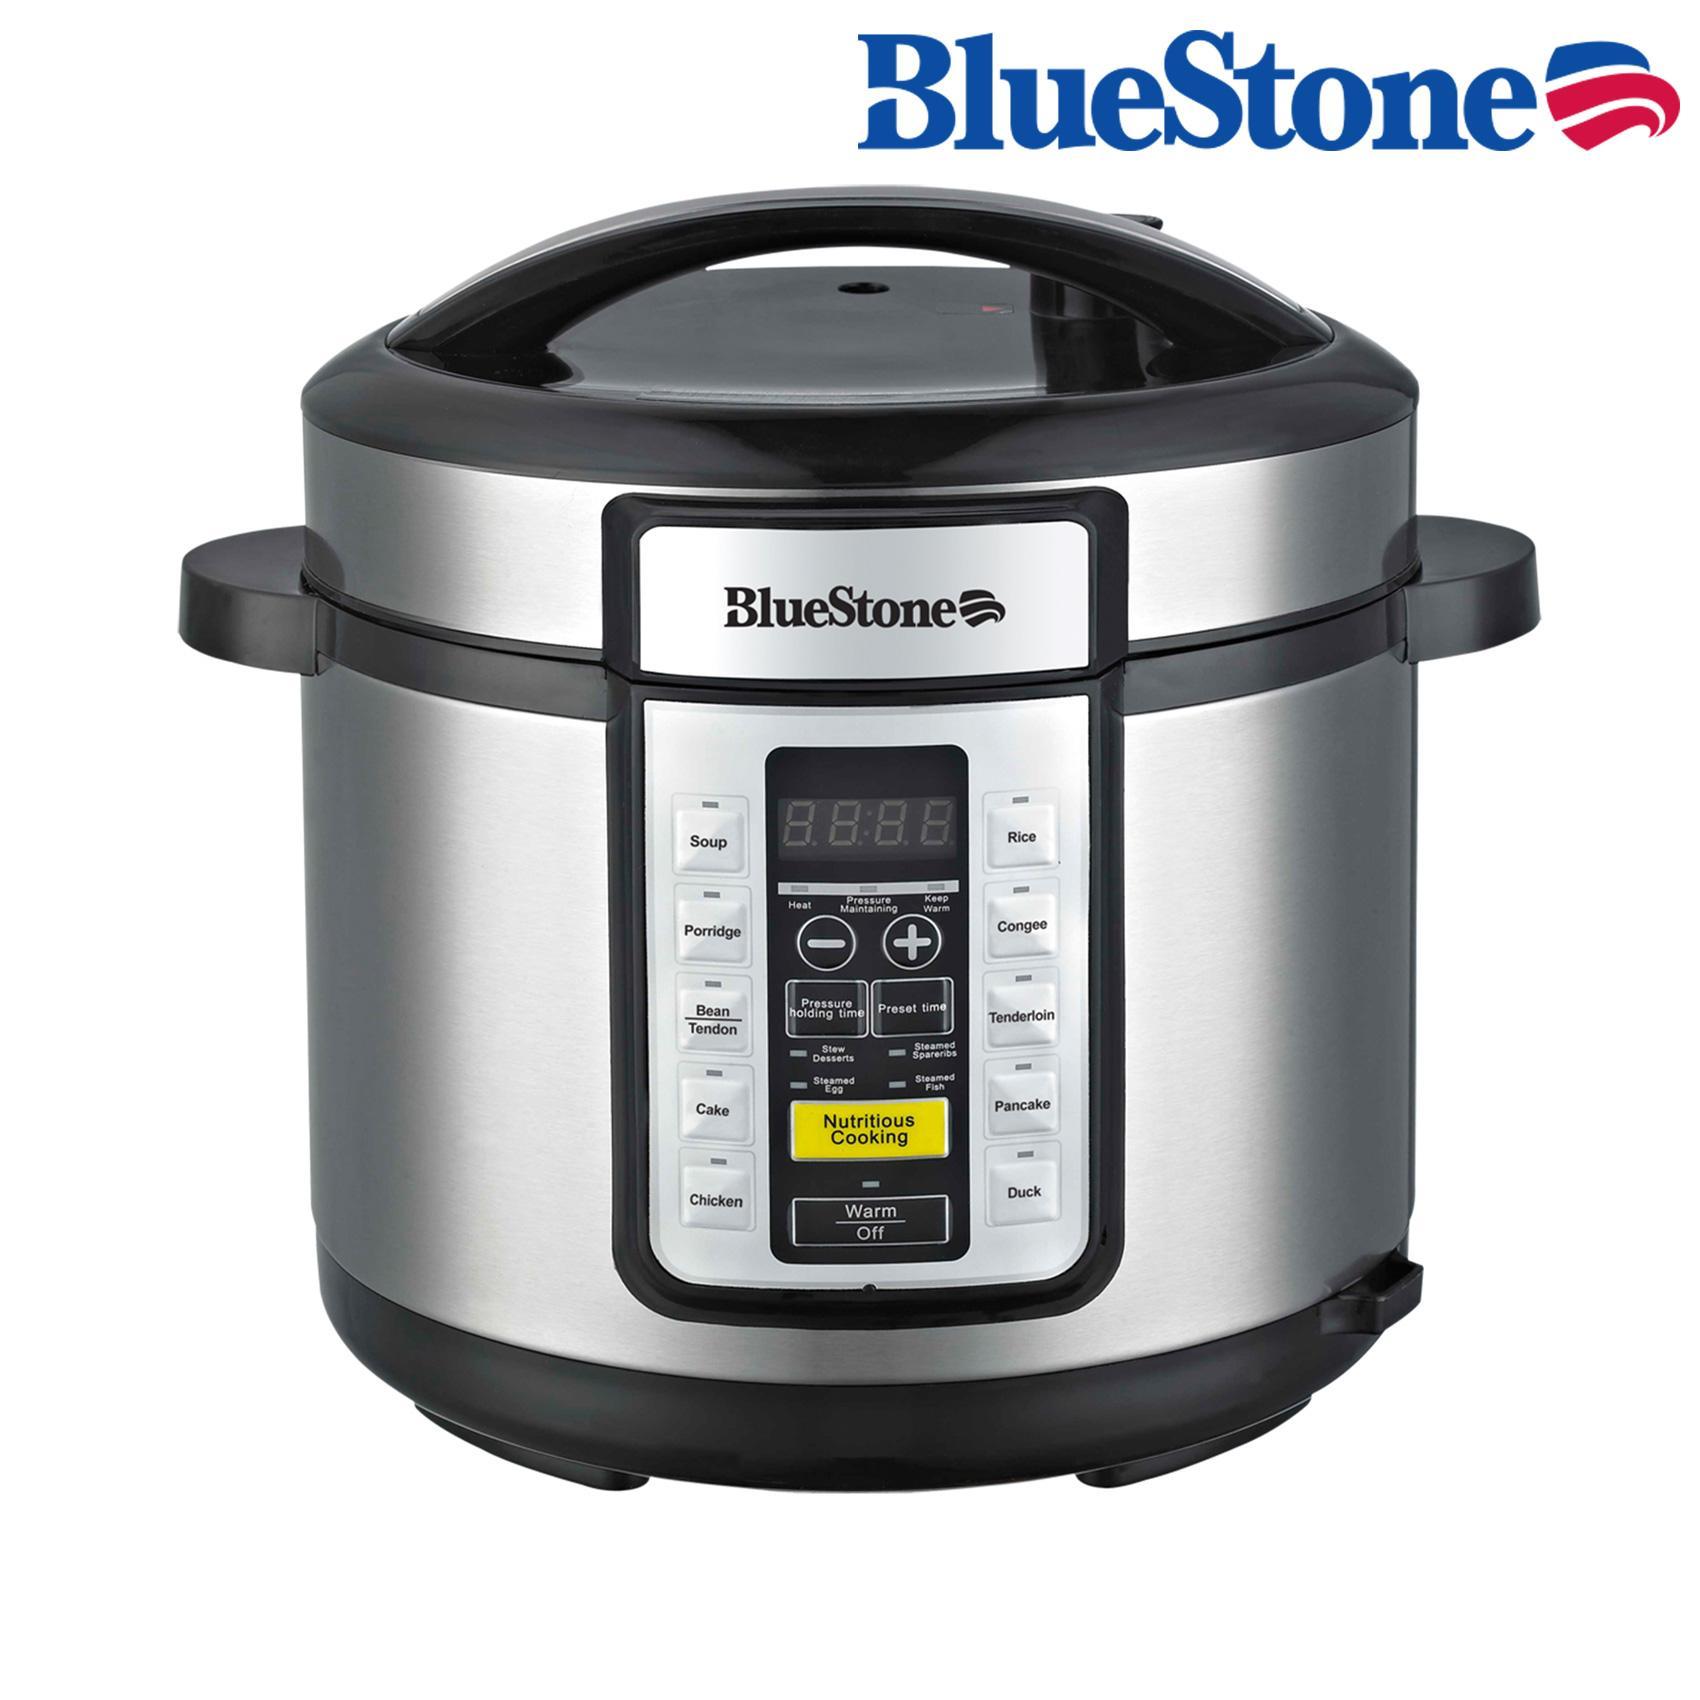 Nồi áp suất Bluestone PCB-5757D tặng Máy xay sinh tố cầm tayBluestone BLB-5218